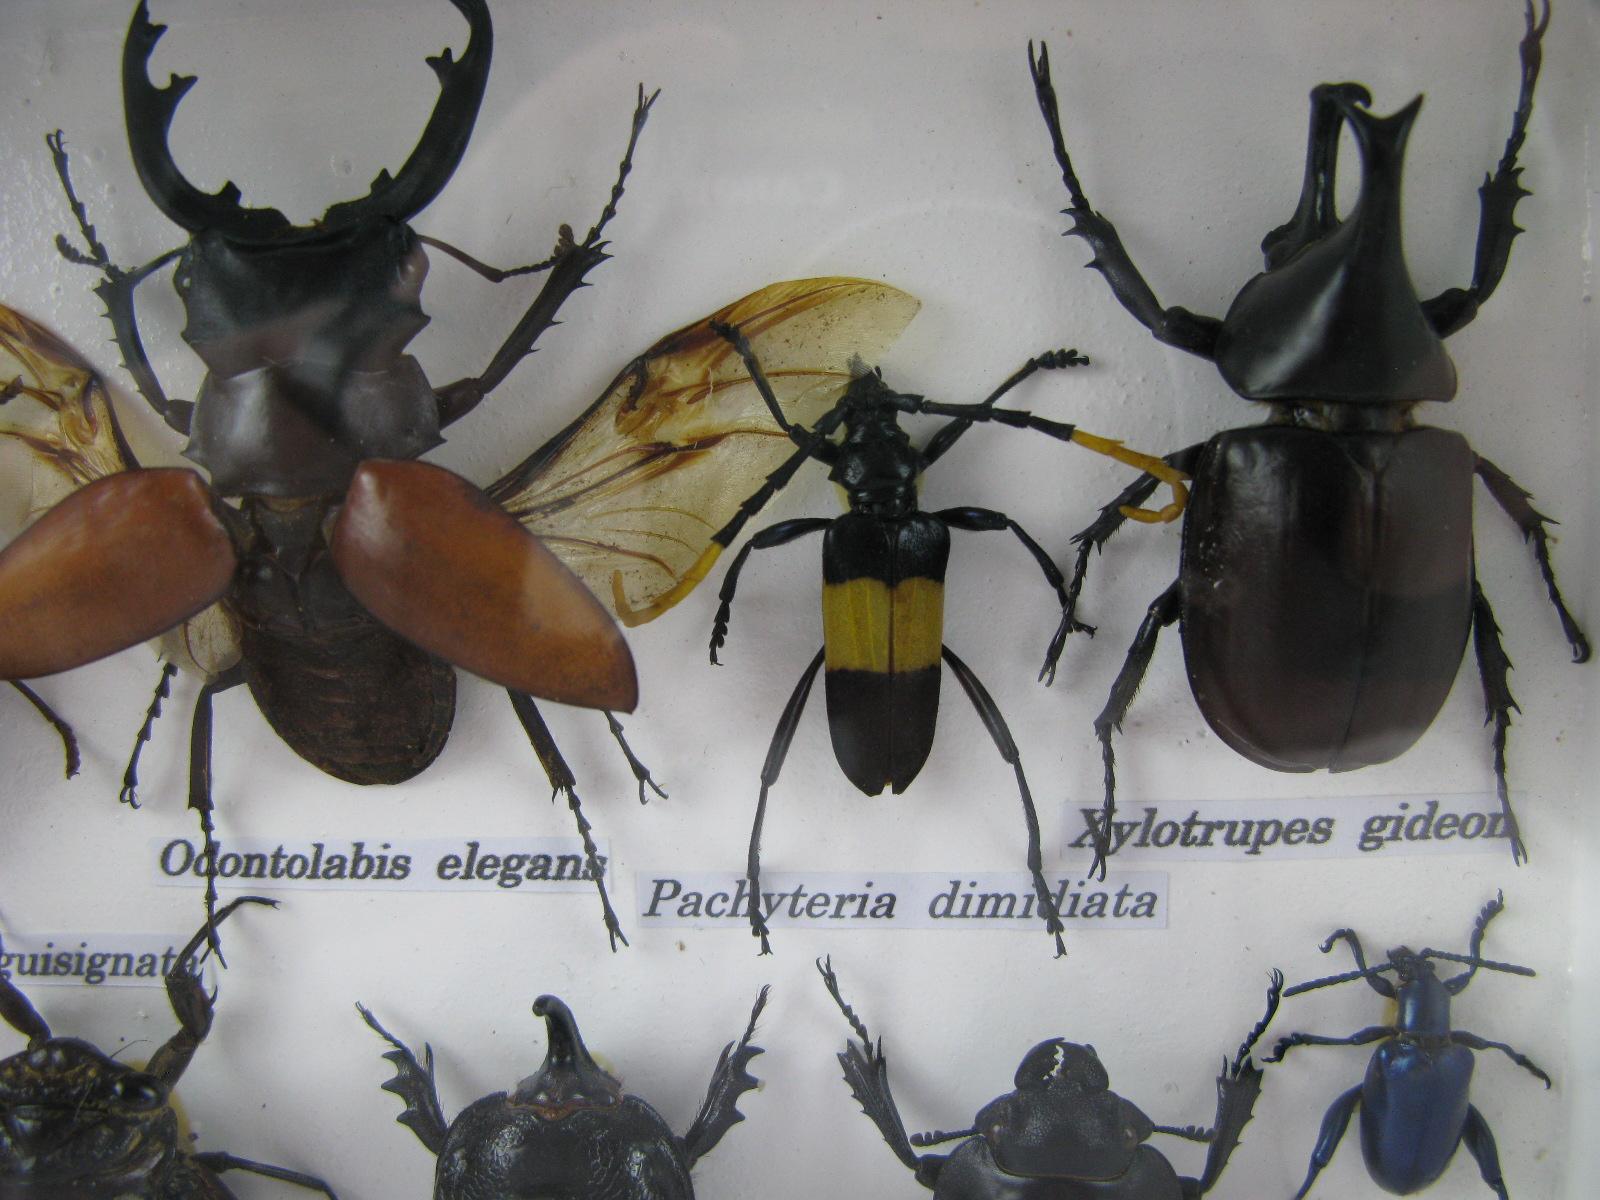 11 echte exotische insekten einmalig im schaukasten. Black Bedroom Furniture Sets. Home Design Ideas